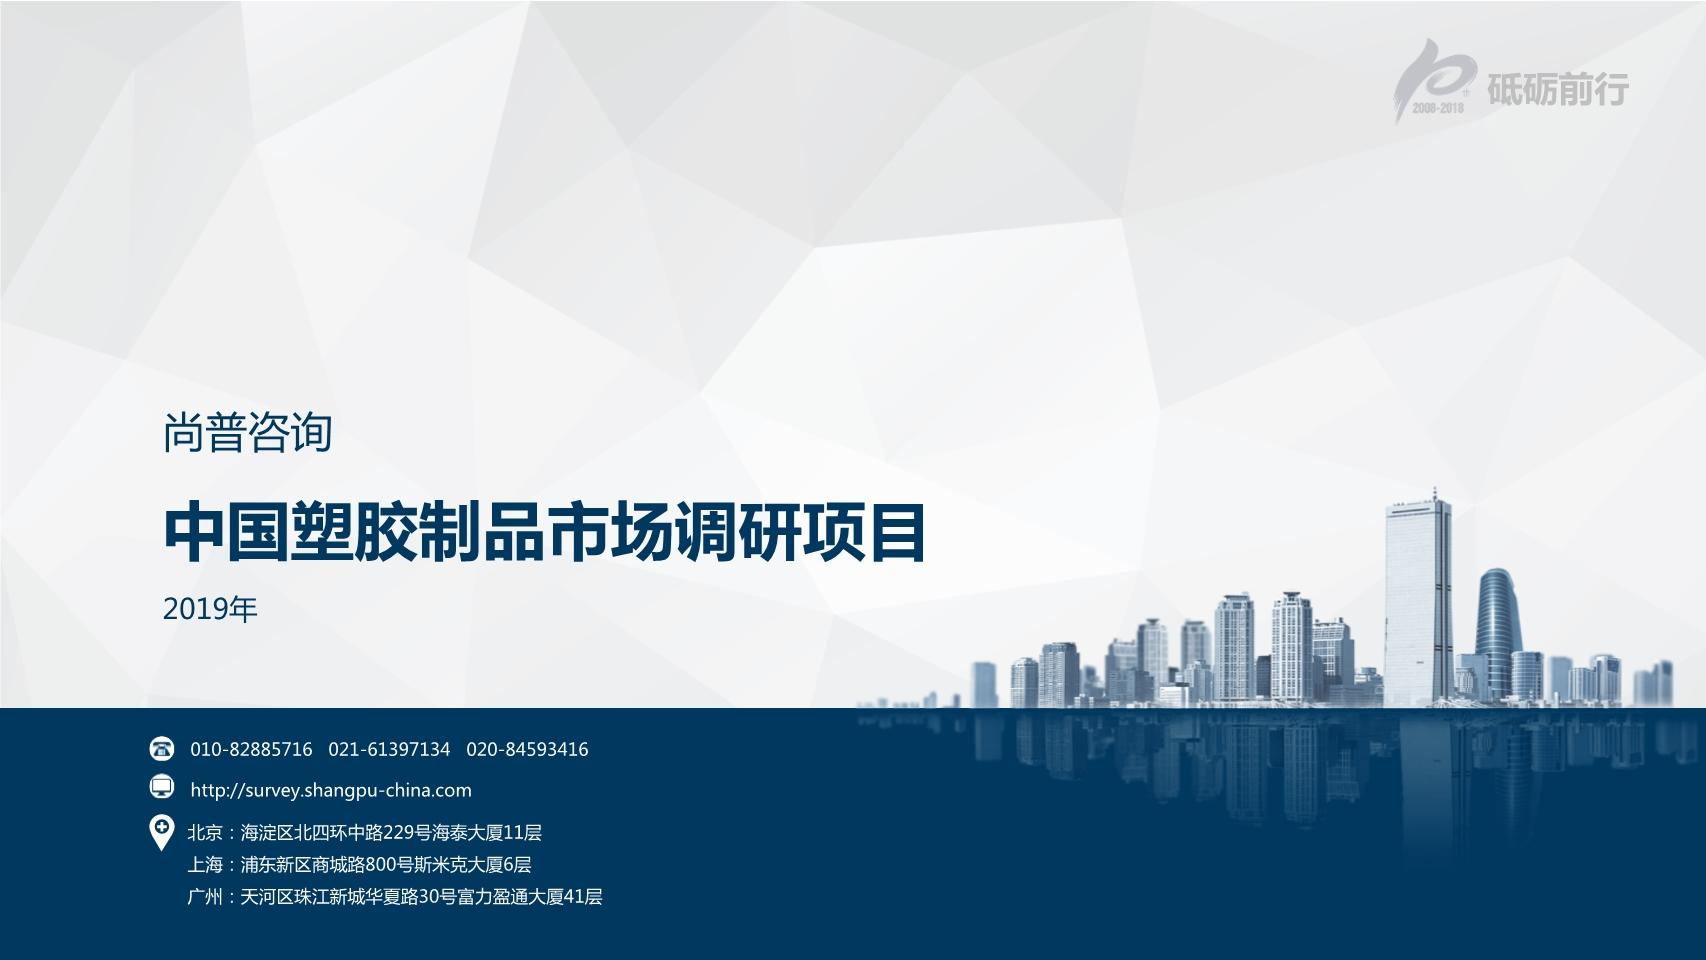 尚普咨询-中国塑胶制品市场调研项目